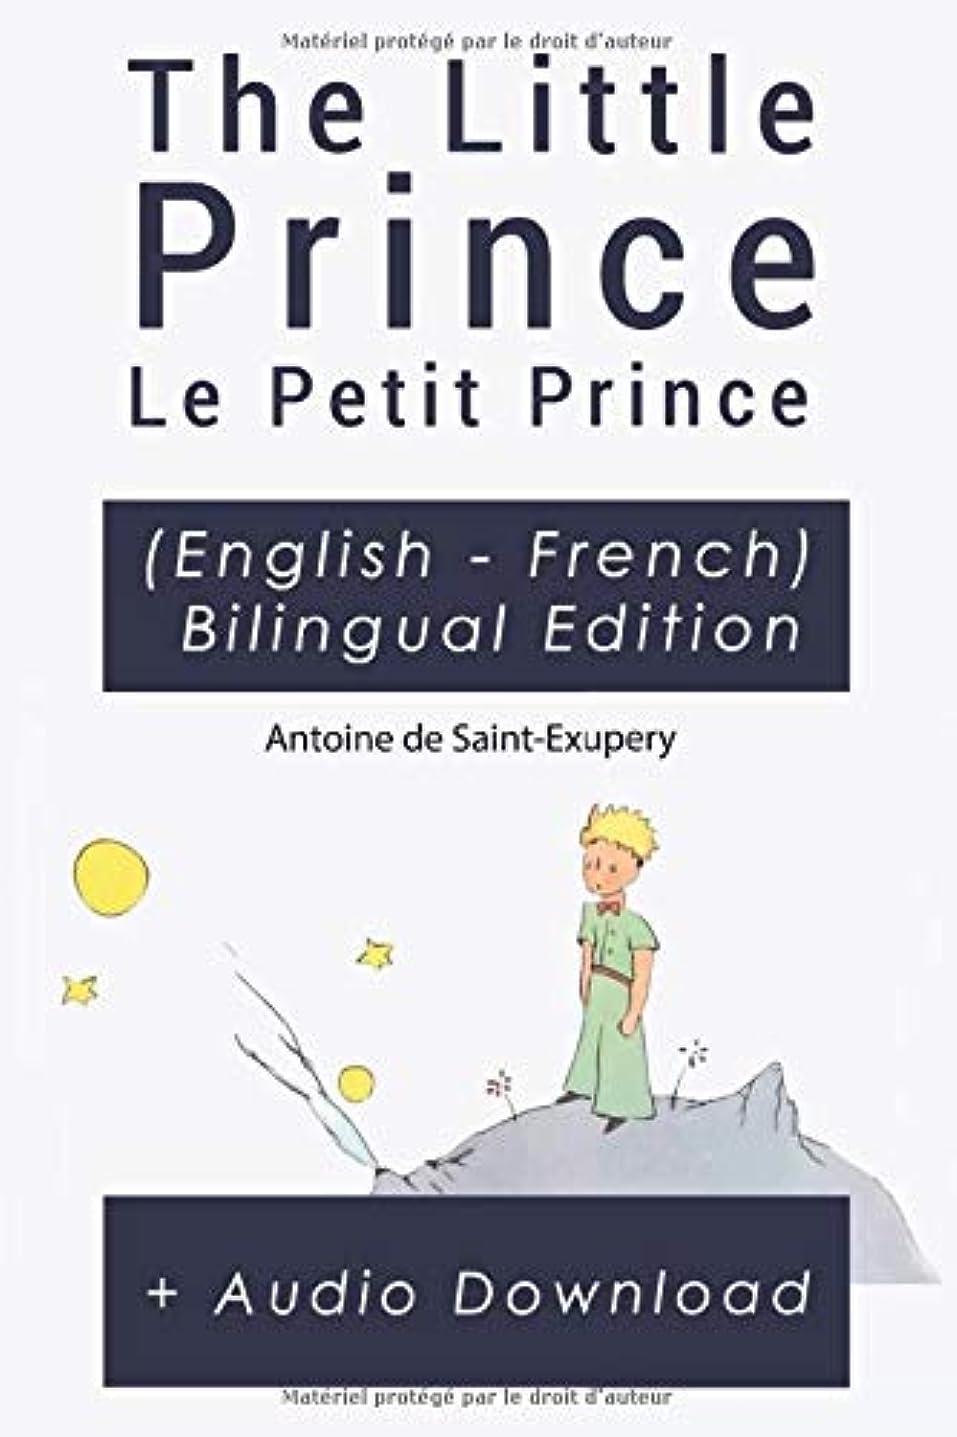 放牧する宇宙の忘れられないLe petit prince - The Little Prince + audio download: (English - French) Bilingual Edition